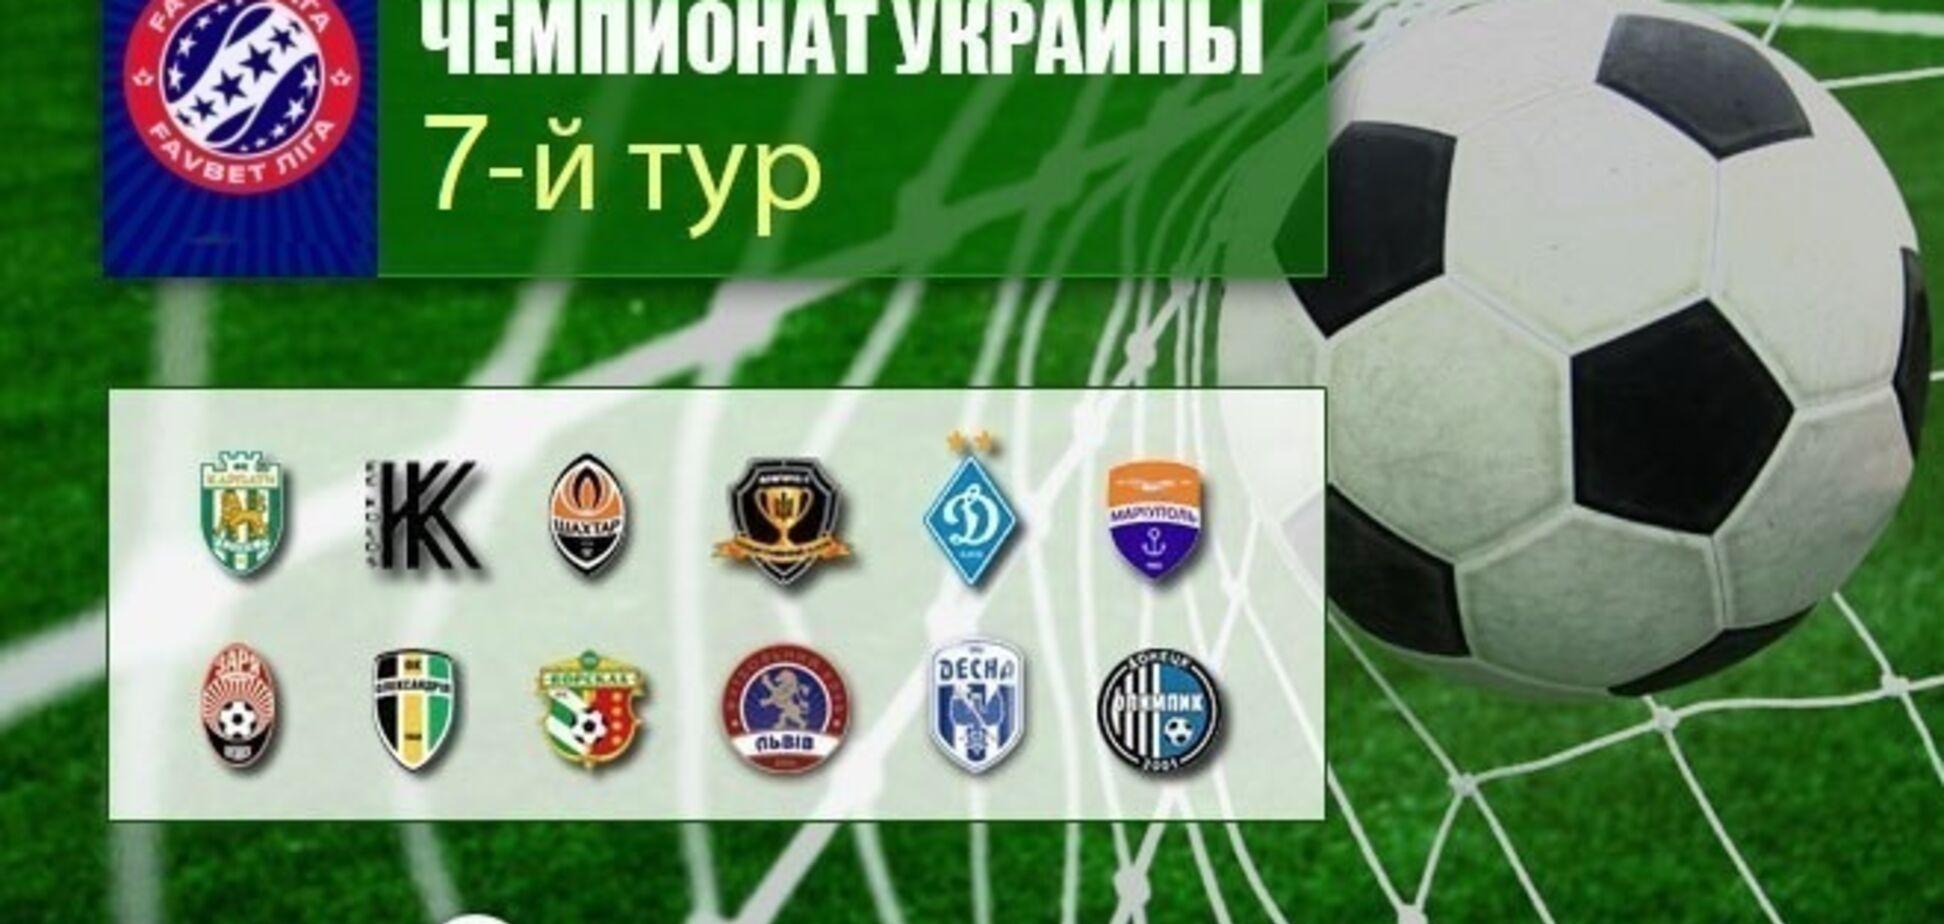 7-й тур Премьер-лиги Украины: результаты, обзоры, таблица